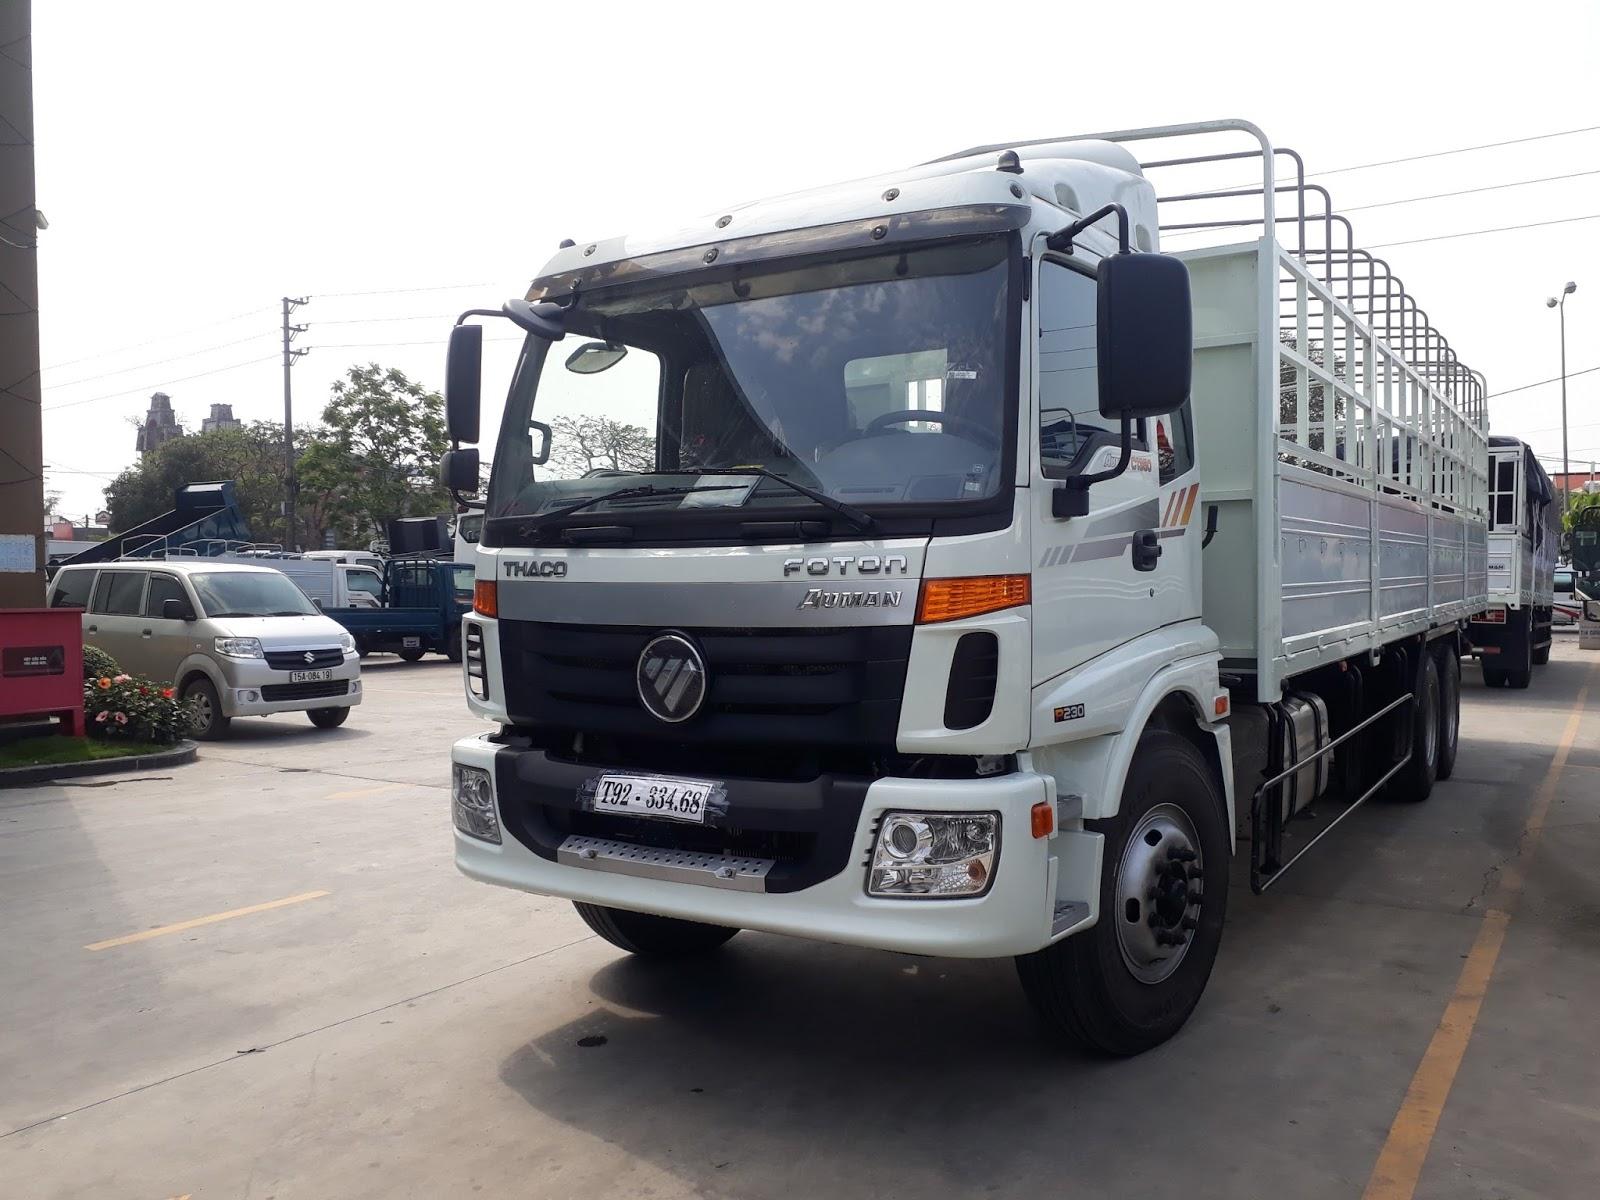 Bán xe tải 3 chân Thaco Auman AC1350  tại Hải Phòng trả góp, hỗ trợ thủ tục đăng ký ngân hàng